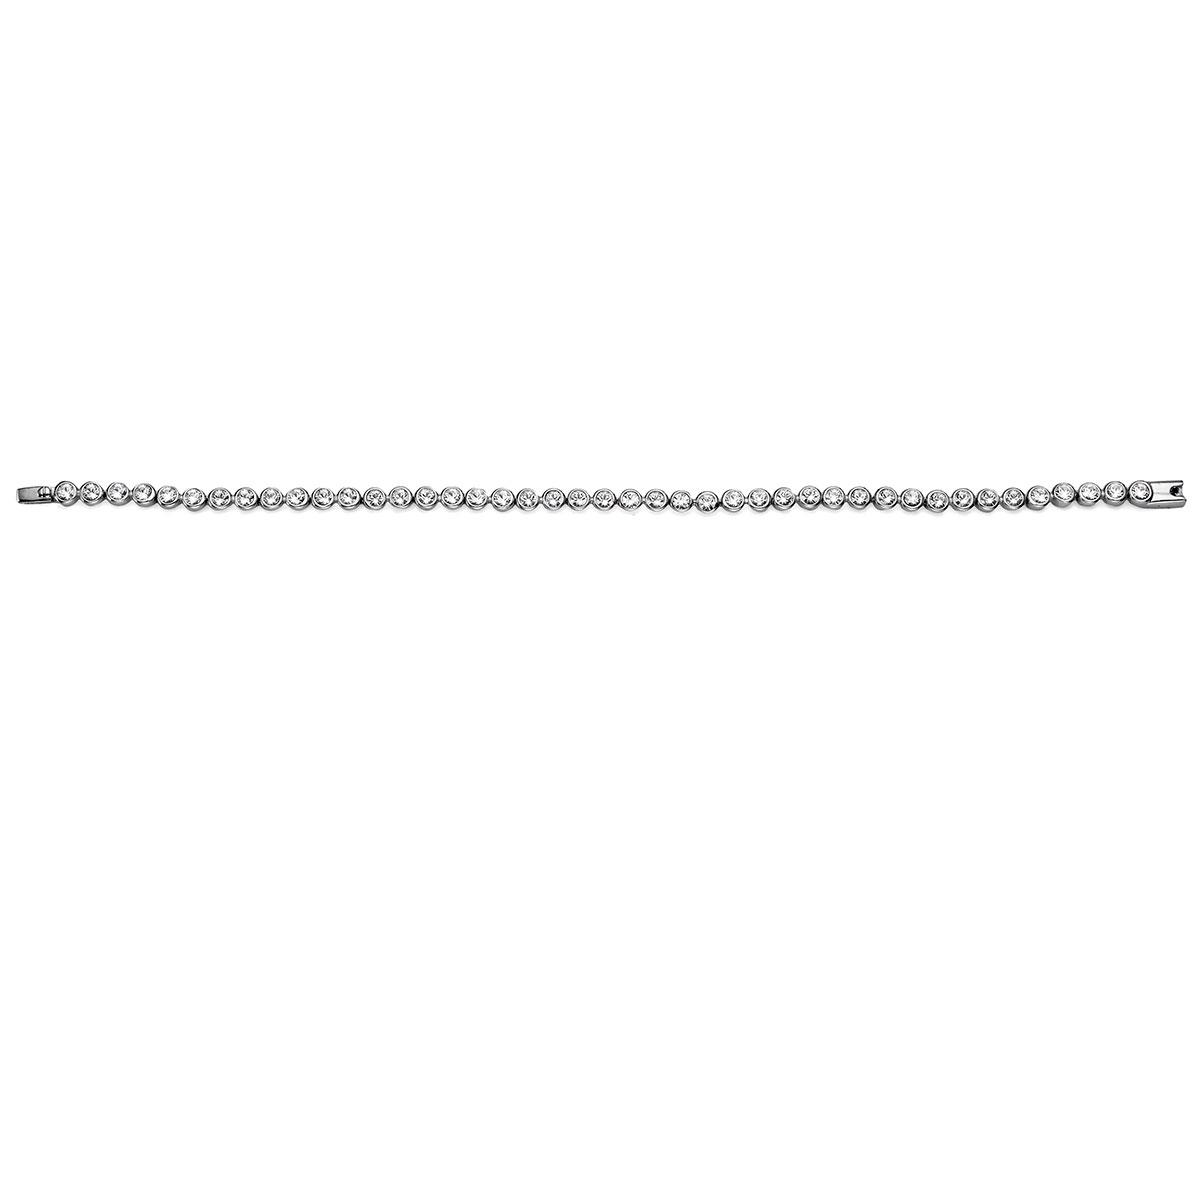 دستبند کریستال مدل جنوب